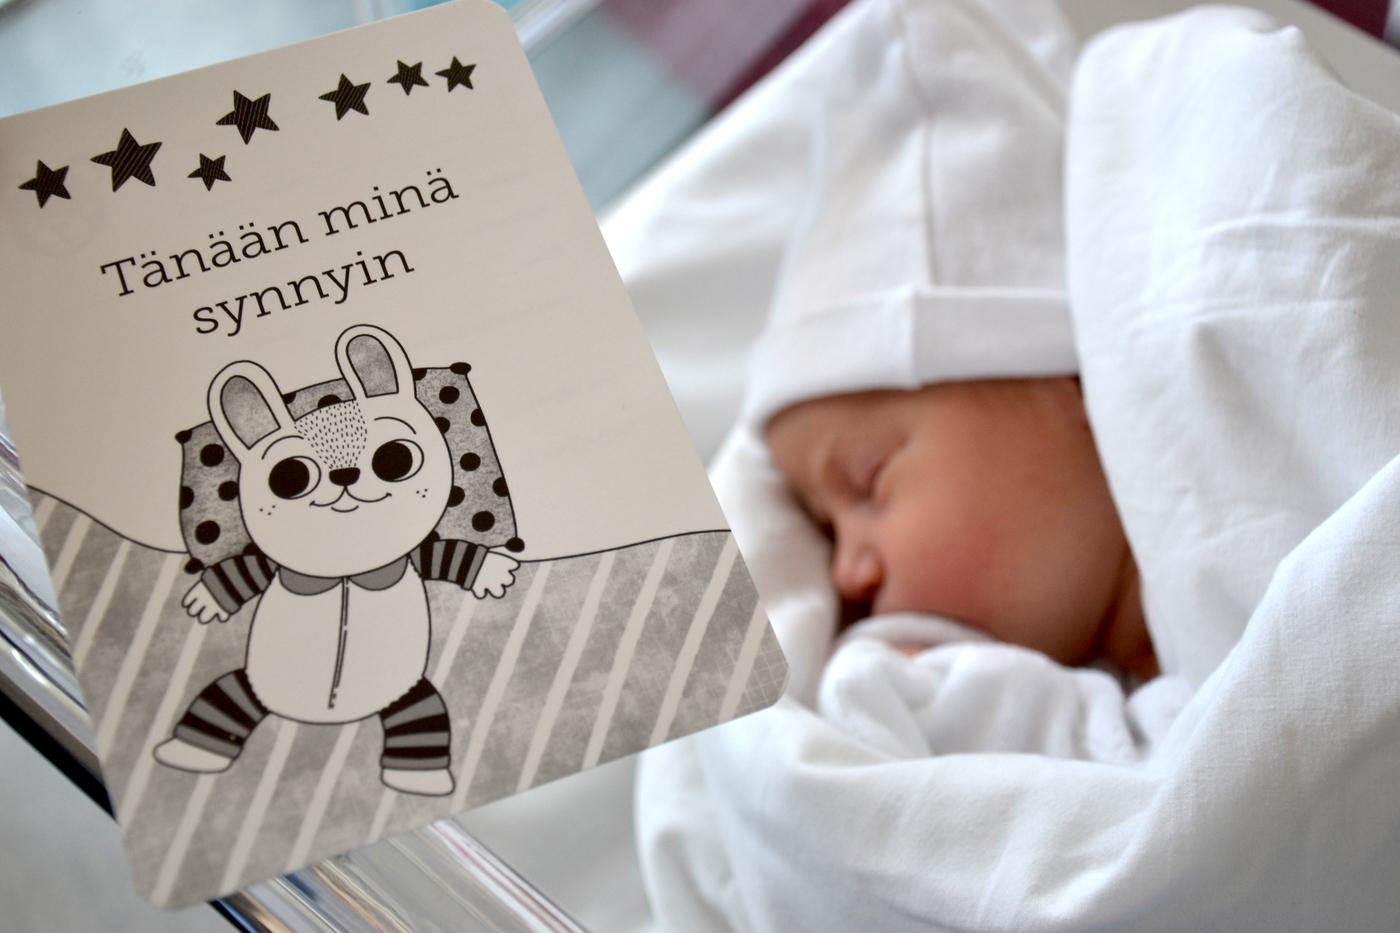 Ensimmäiset viikot vauvan kanssa